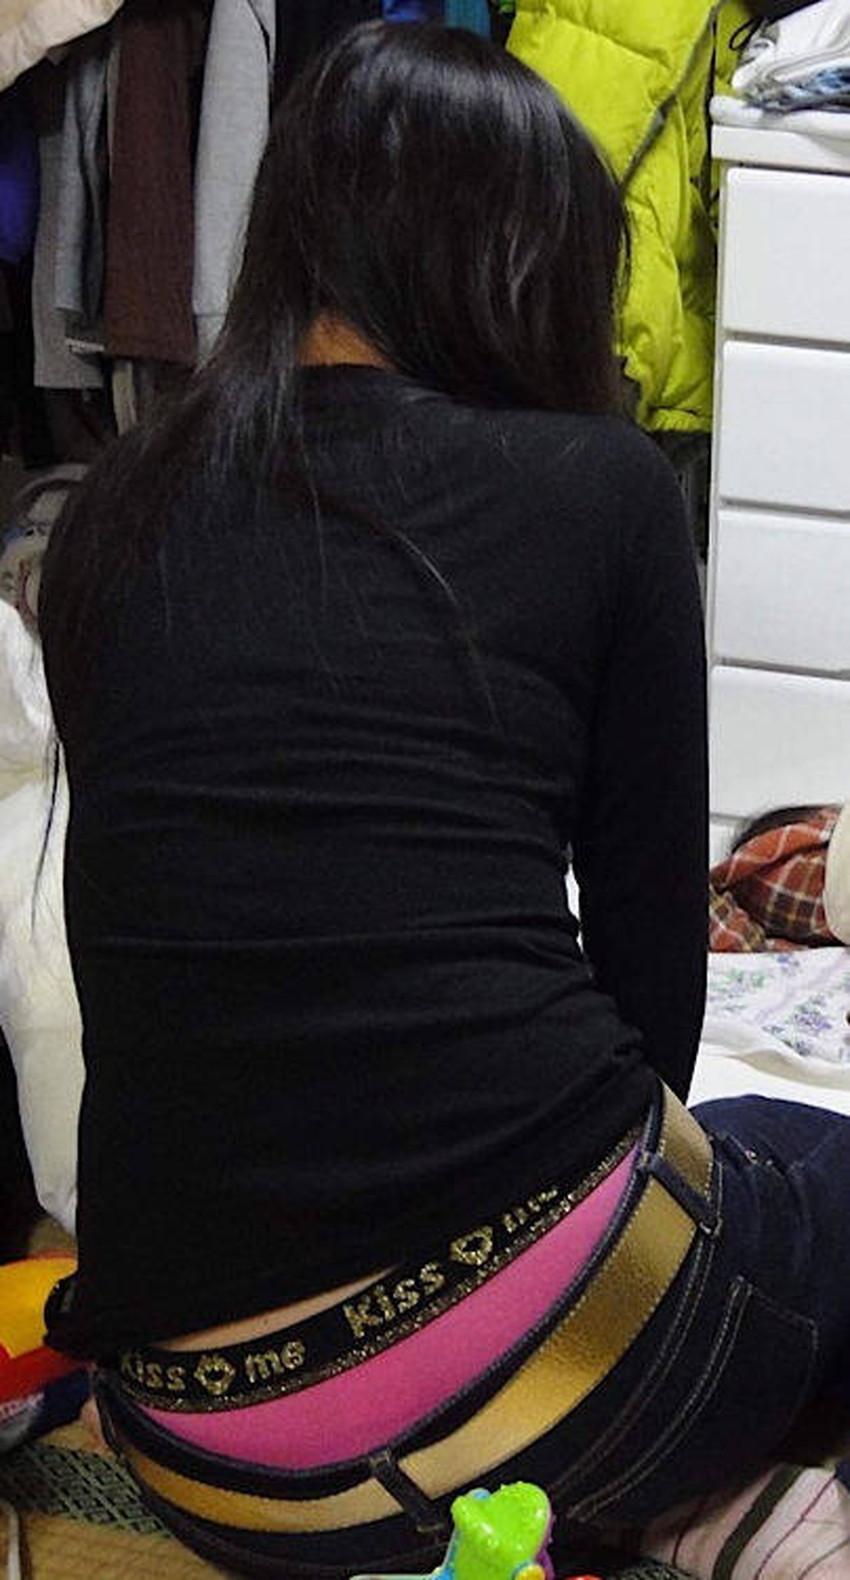 【スキニーパンツエロ画像】スキニーパンツの美脚な素人女子が、パツパツの美尻やパンティーラインを見せつけてくれてスキニーパンツのエロ画像集!ww【80枚】 40